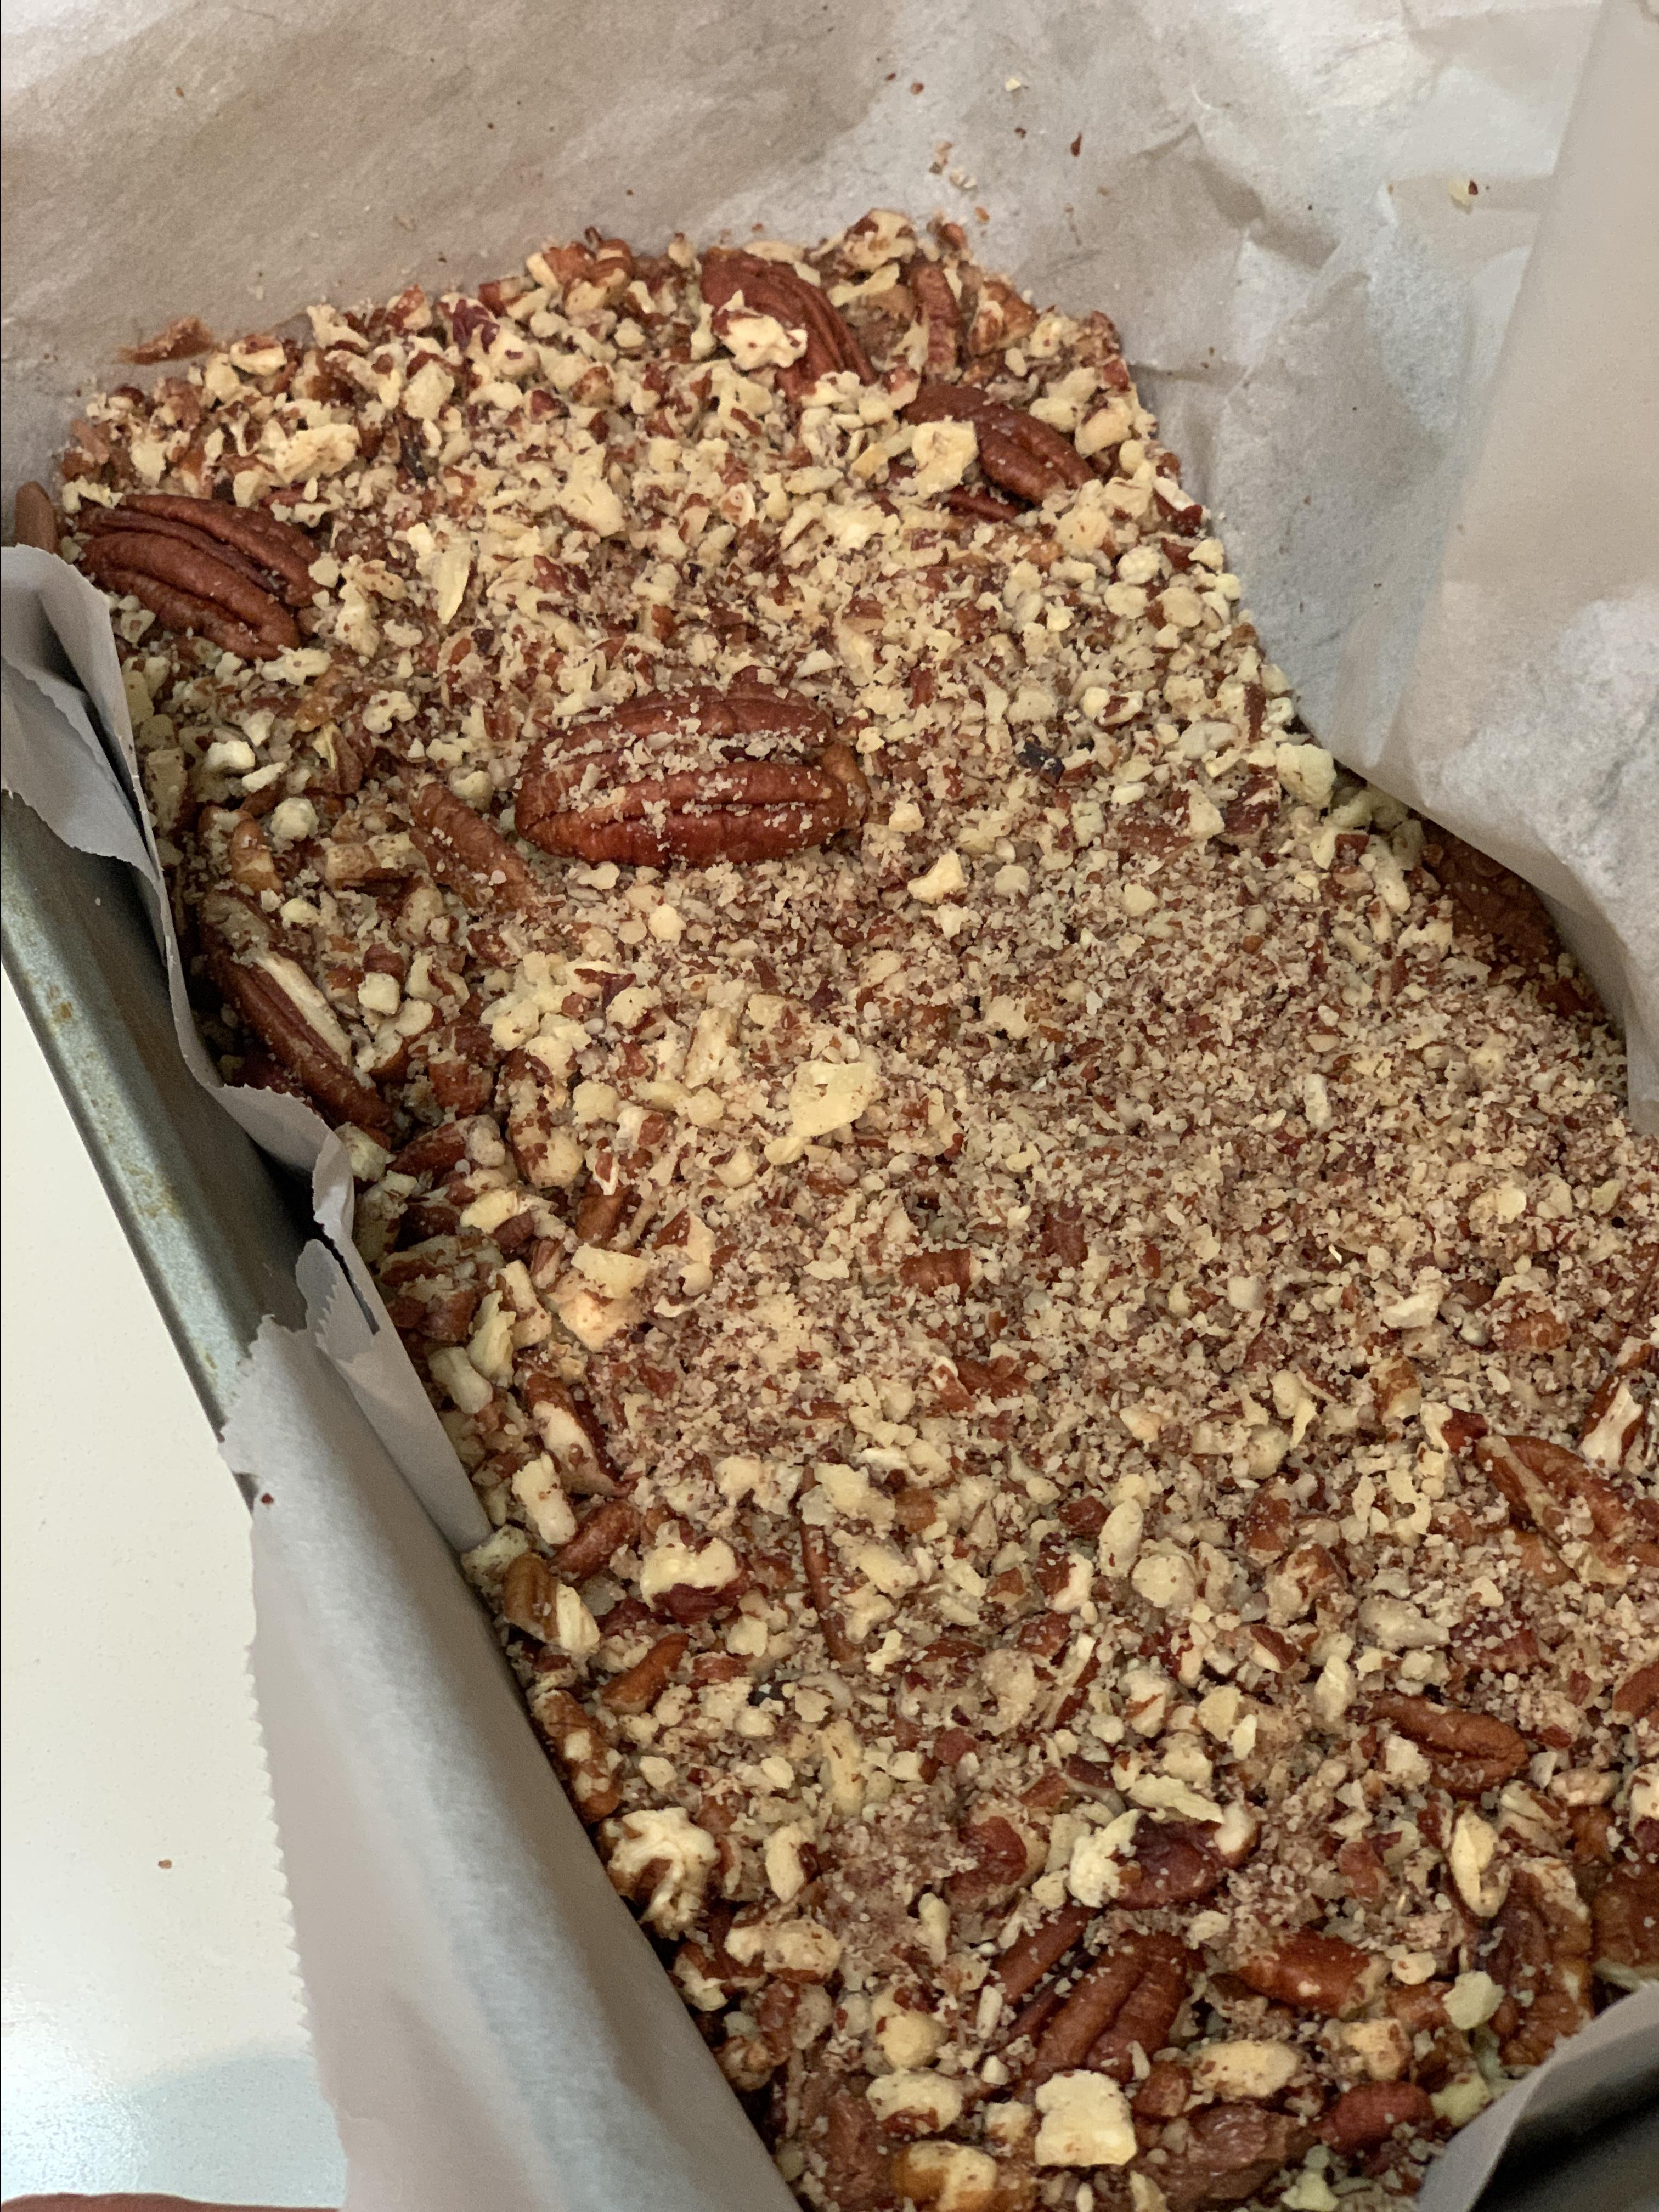 Chocolate Walnut Fudge wrajhm